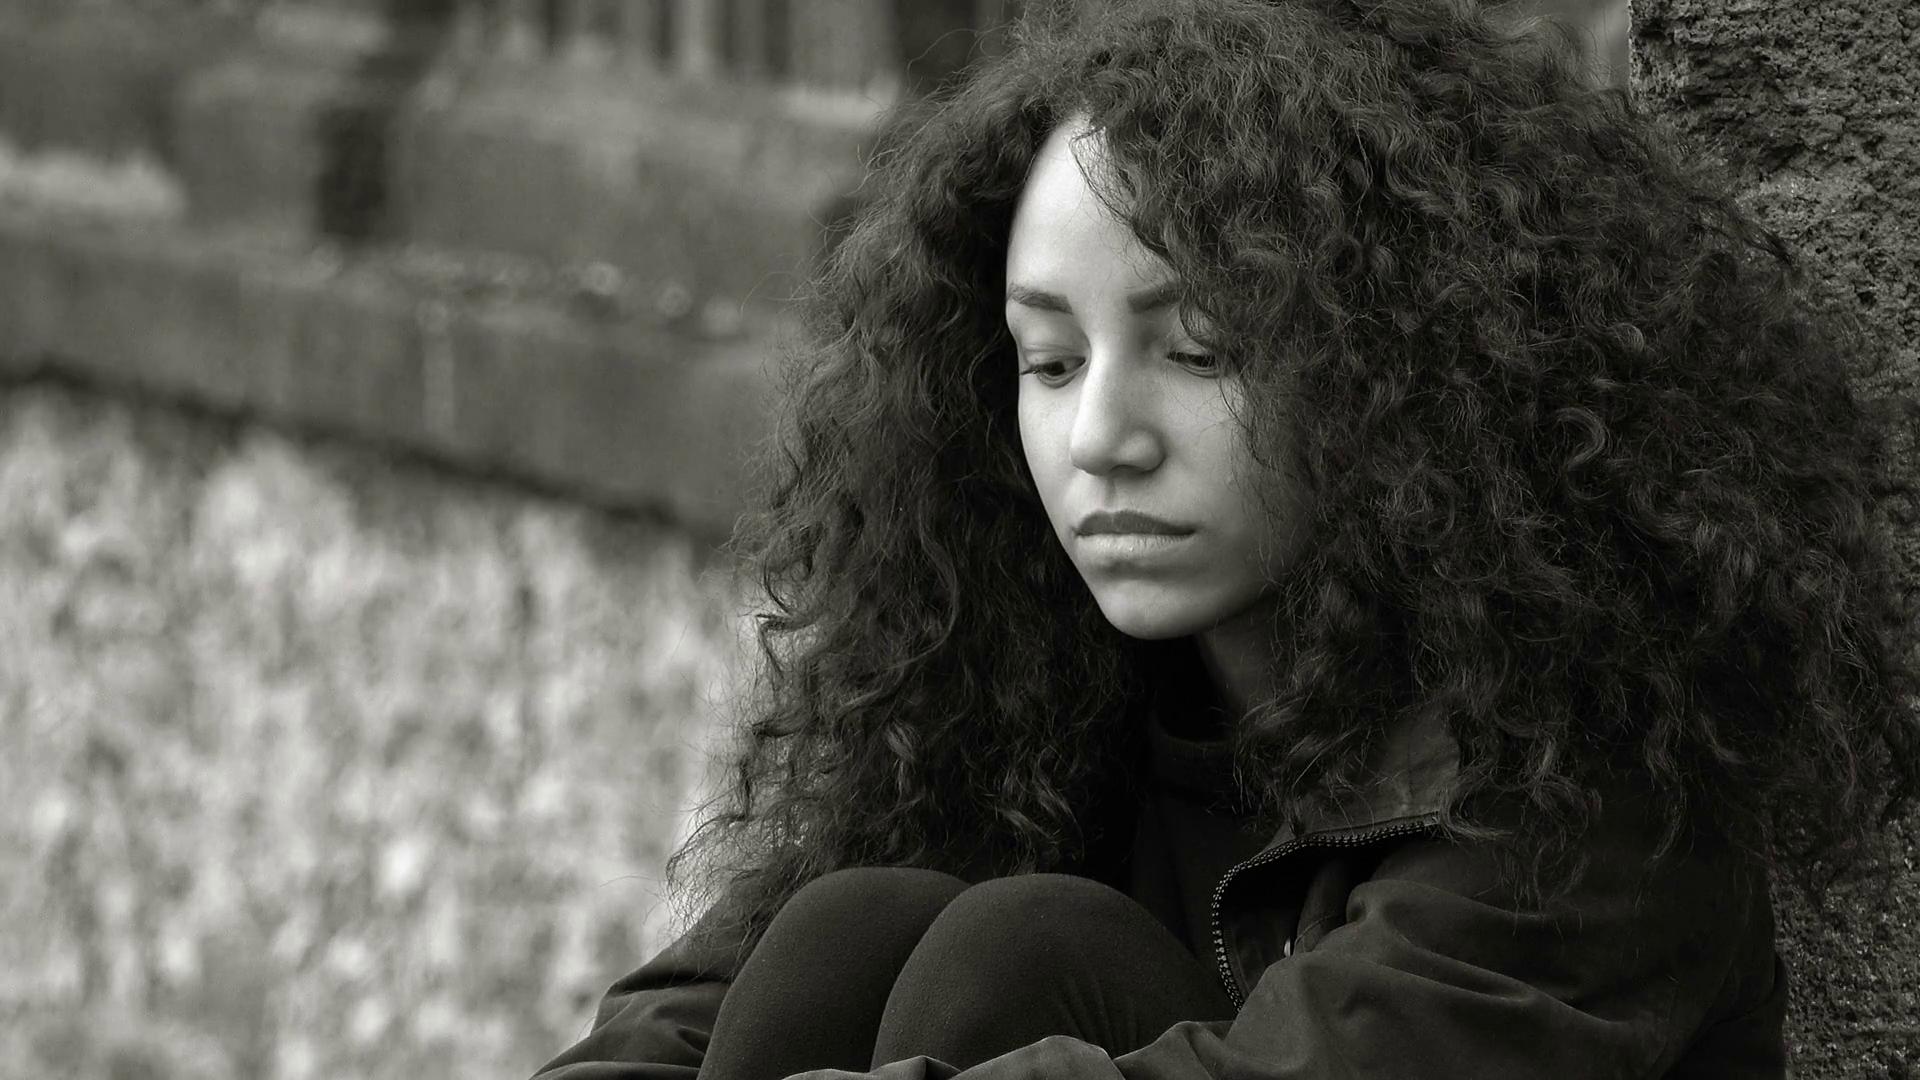 Почему я одинока, хотя неглупа и хороша собой